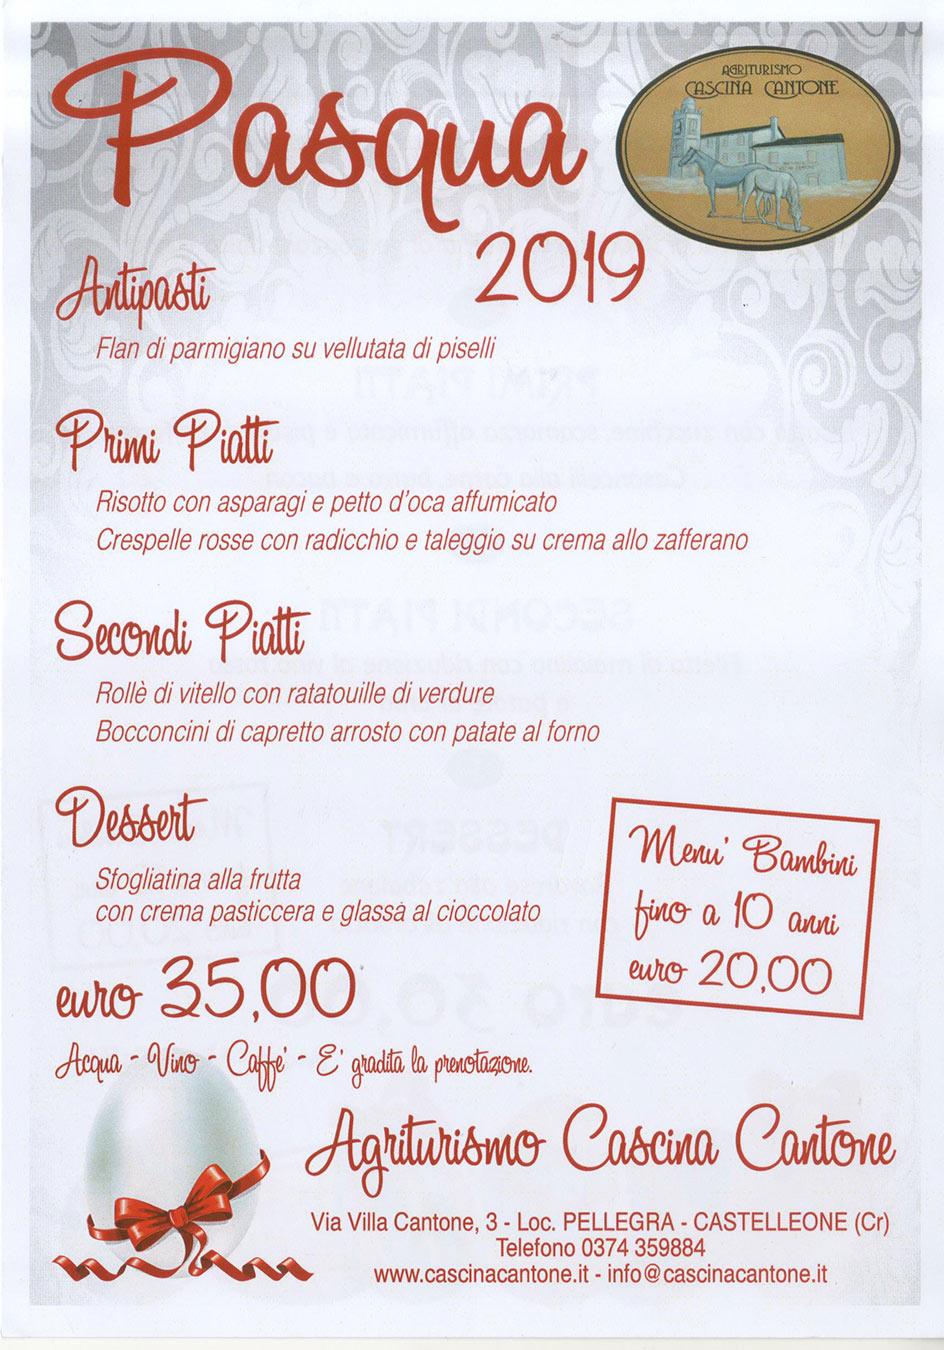 Pasqua 2019 alla Cascina Cantone